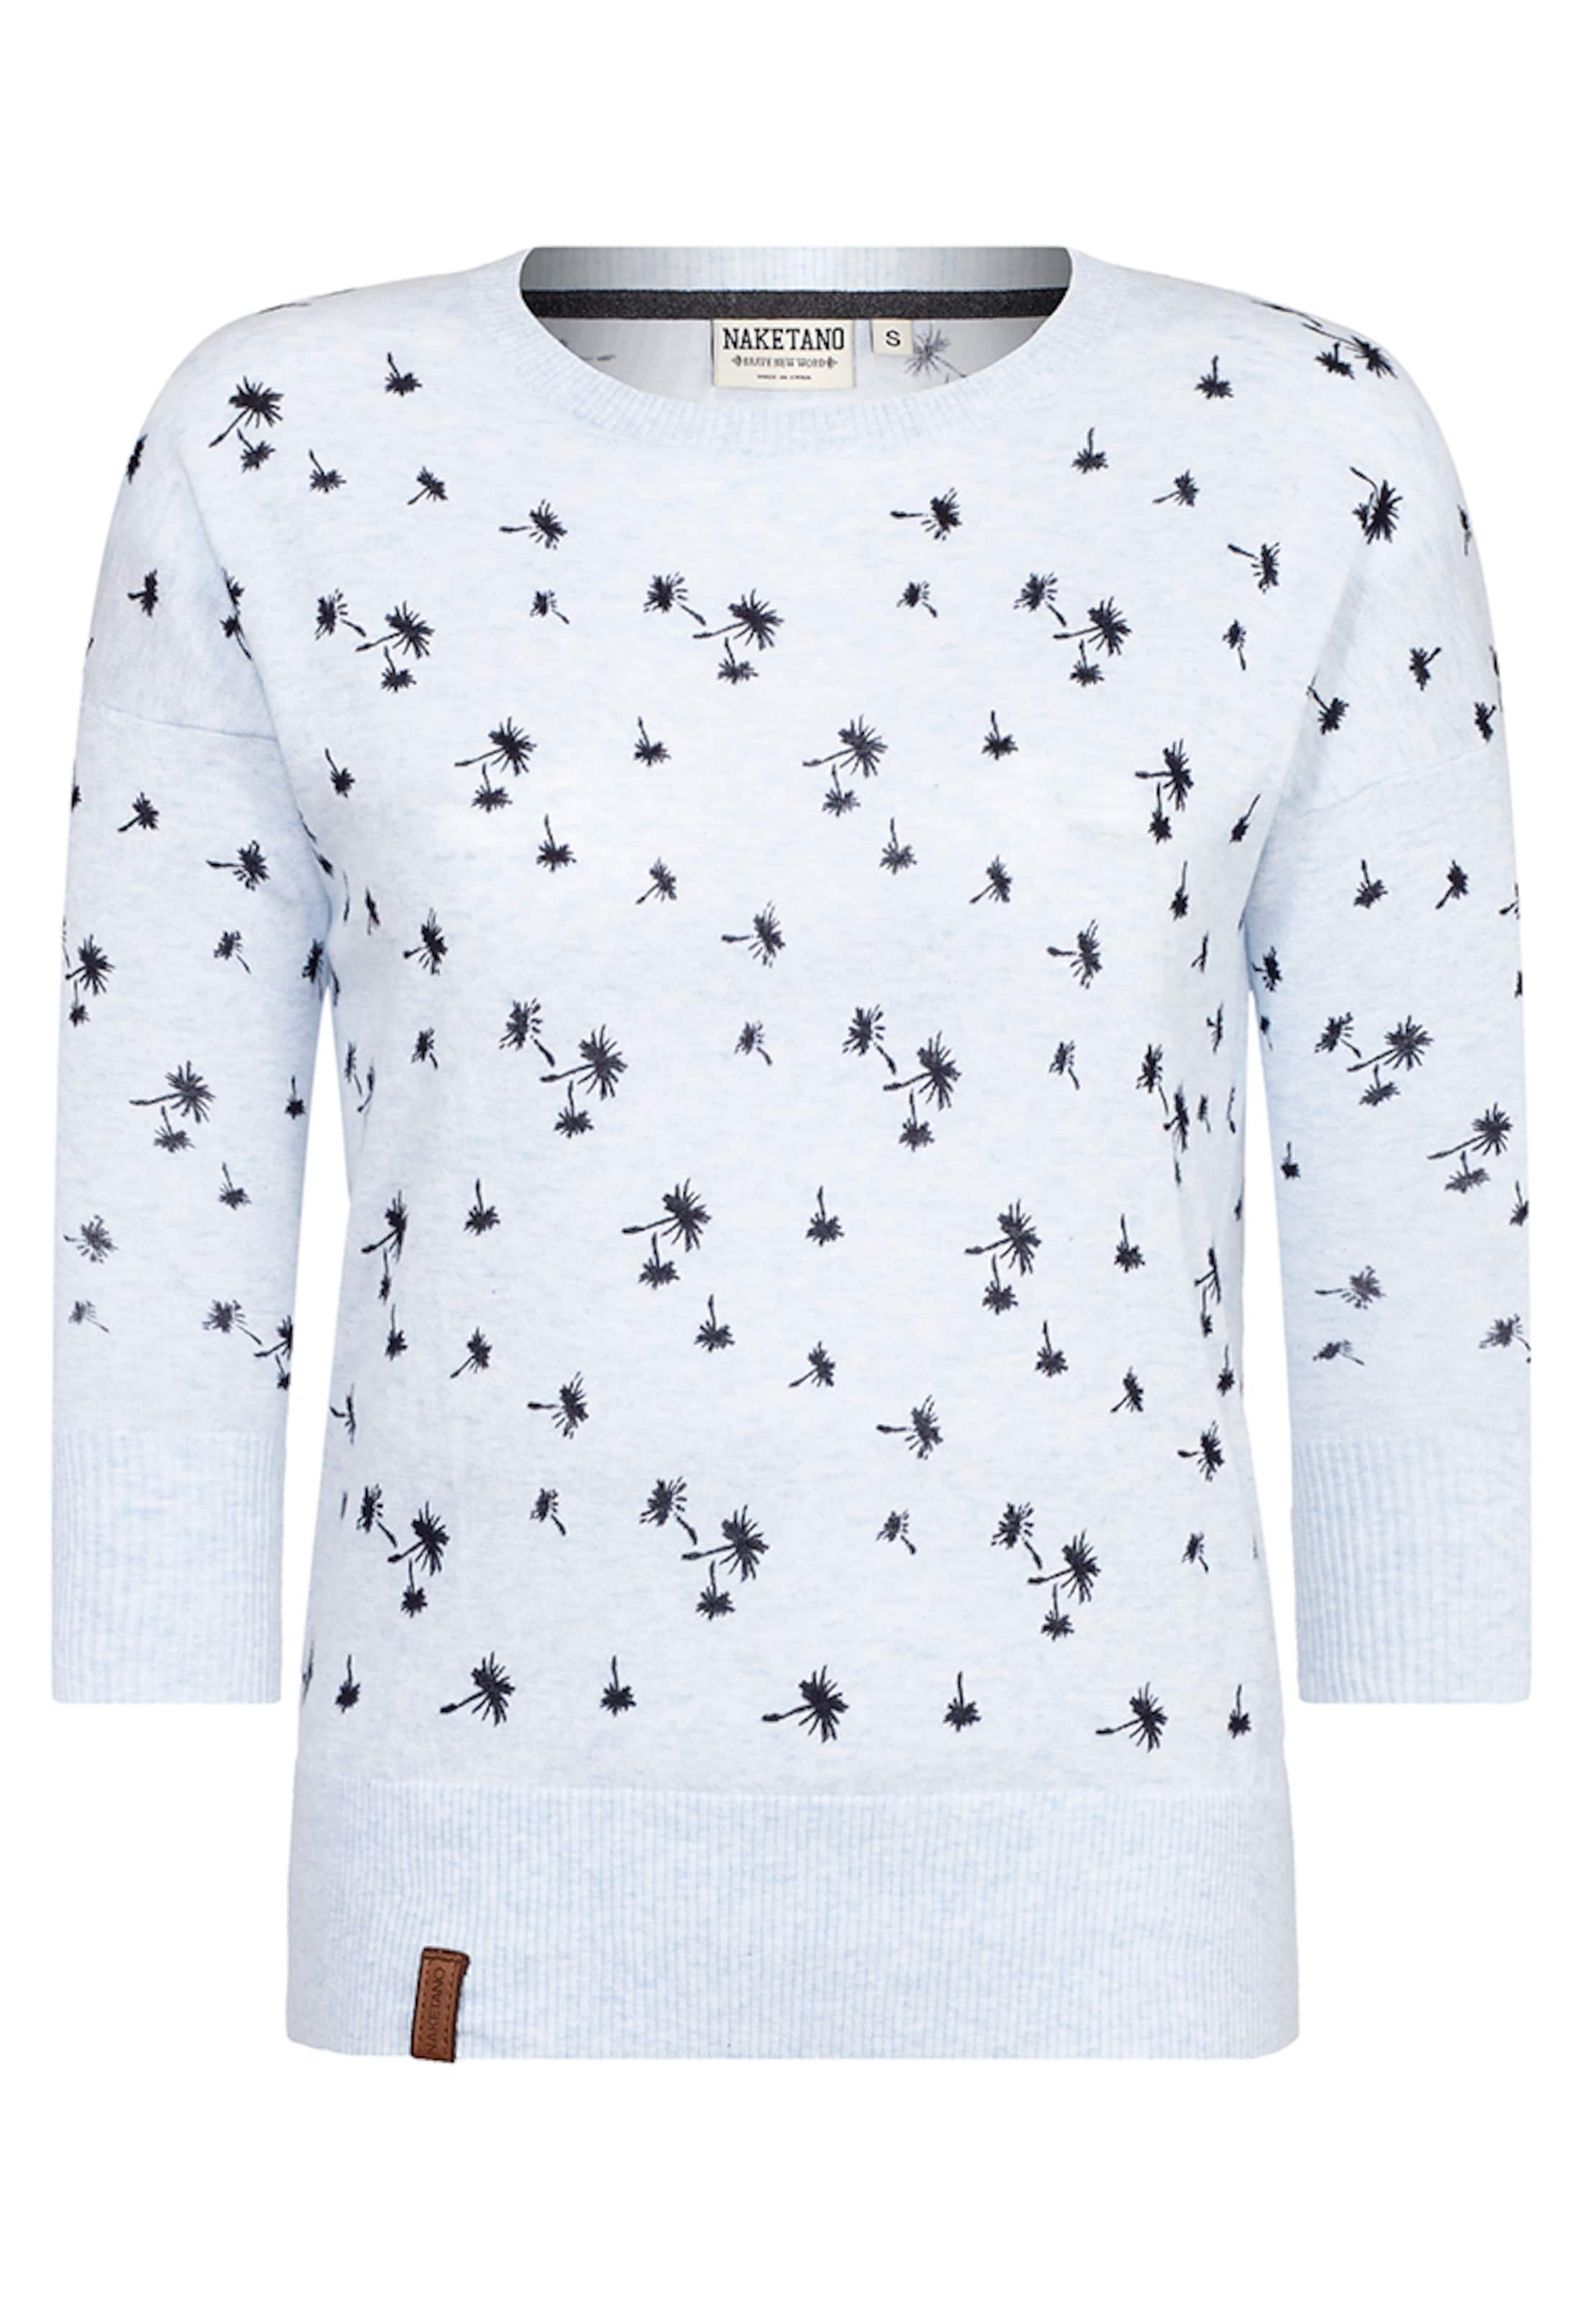 Mode-Stil Günstig Online Preise Und Verfügbarkeit Für Verkauf naketano Female Knit Räumungsverkauf Online DmxckSUtb